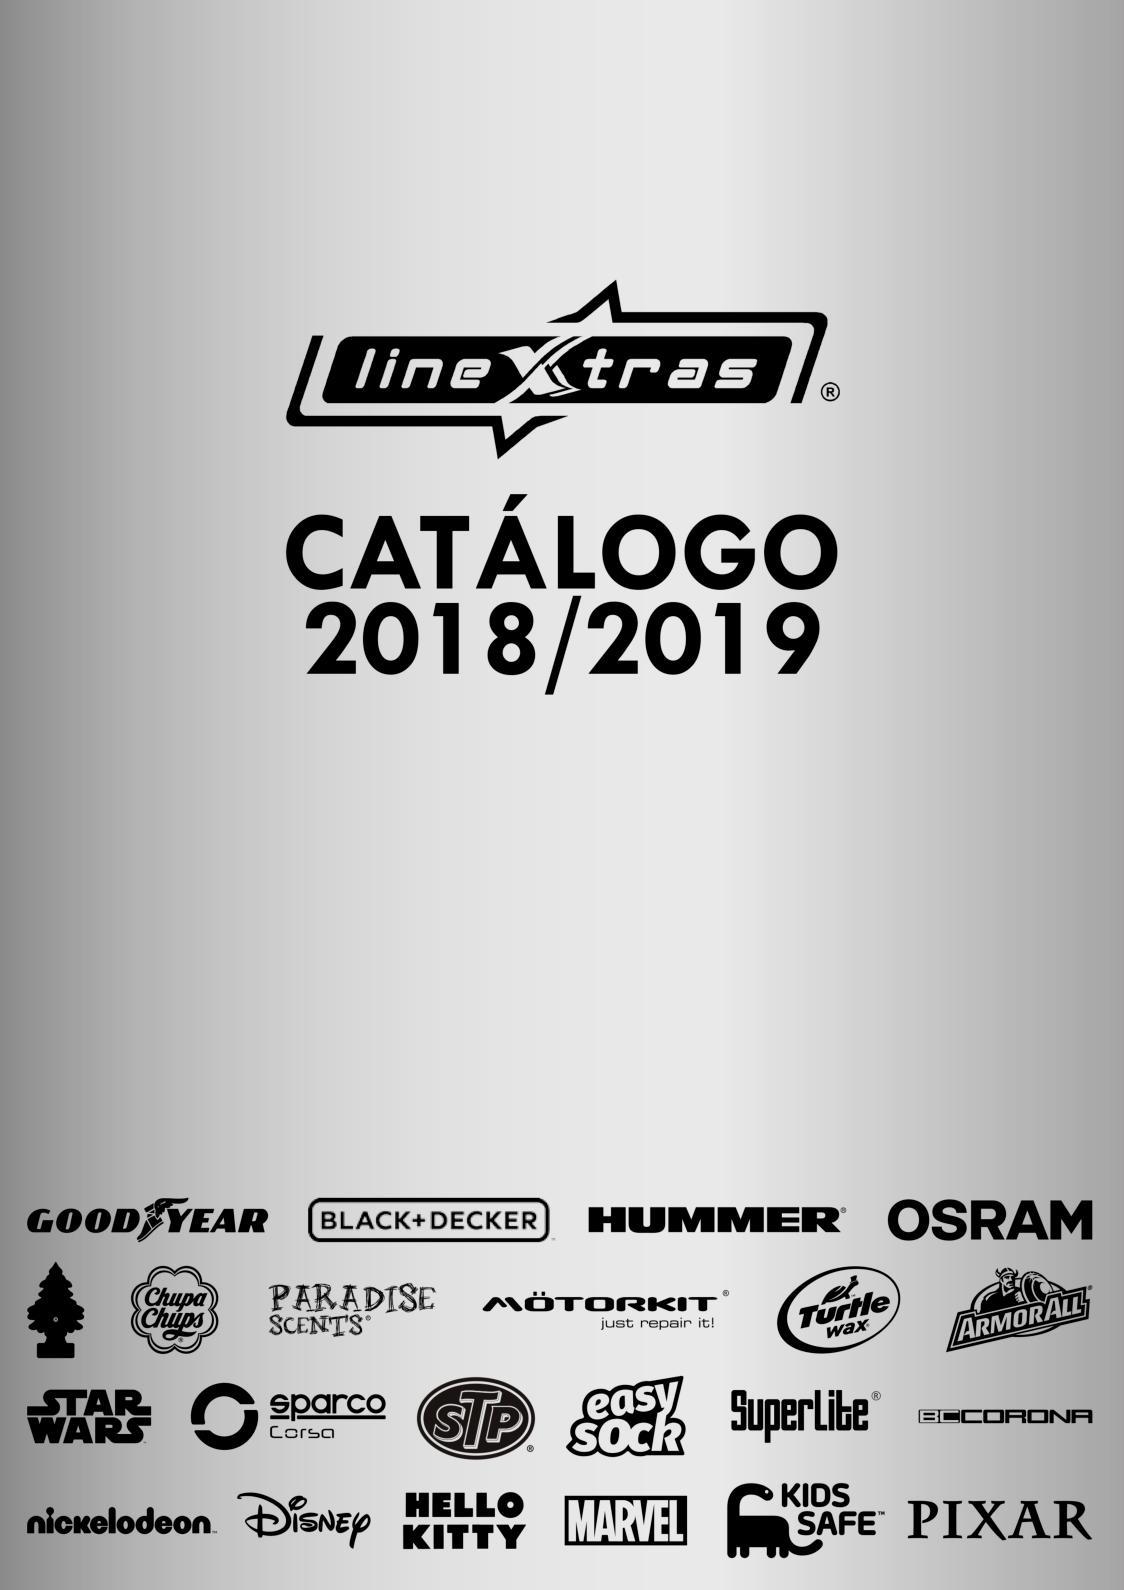 Peugeot Boxer 2006-2014 Parachoques Delantero Reforzador nuevo seguro aprobado